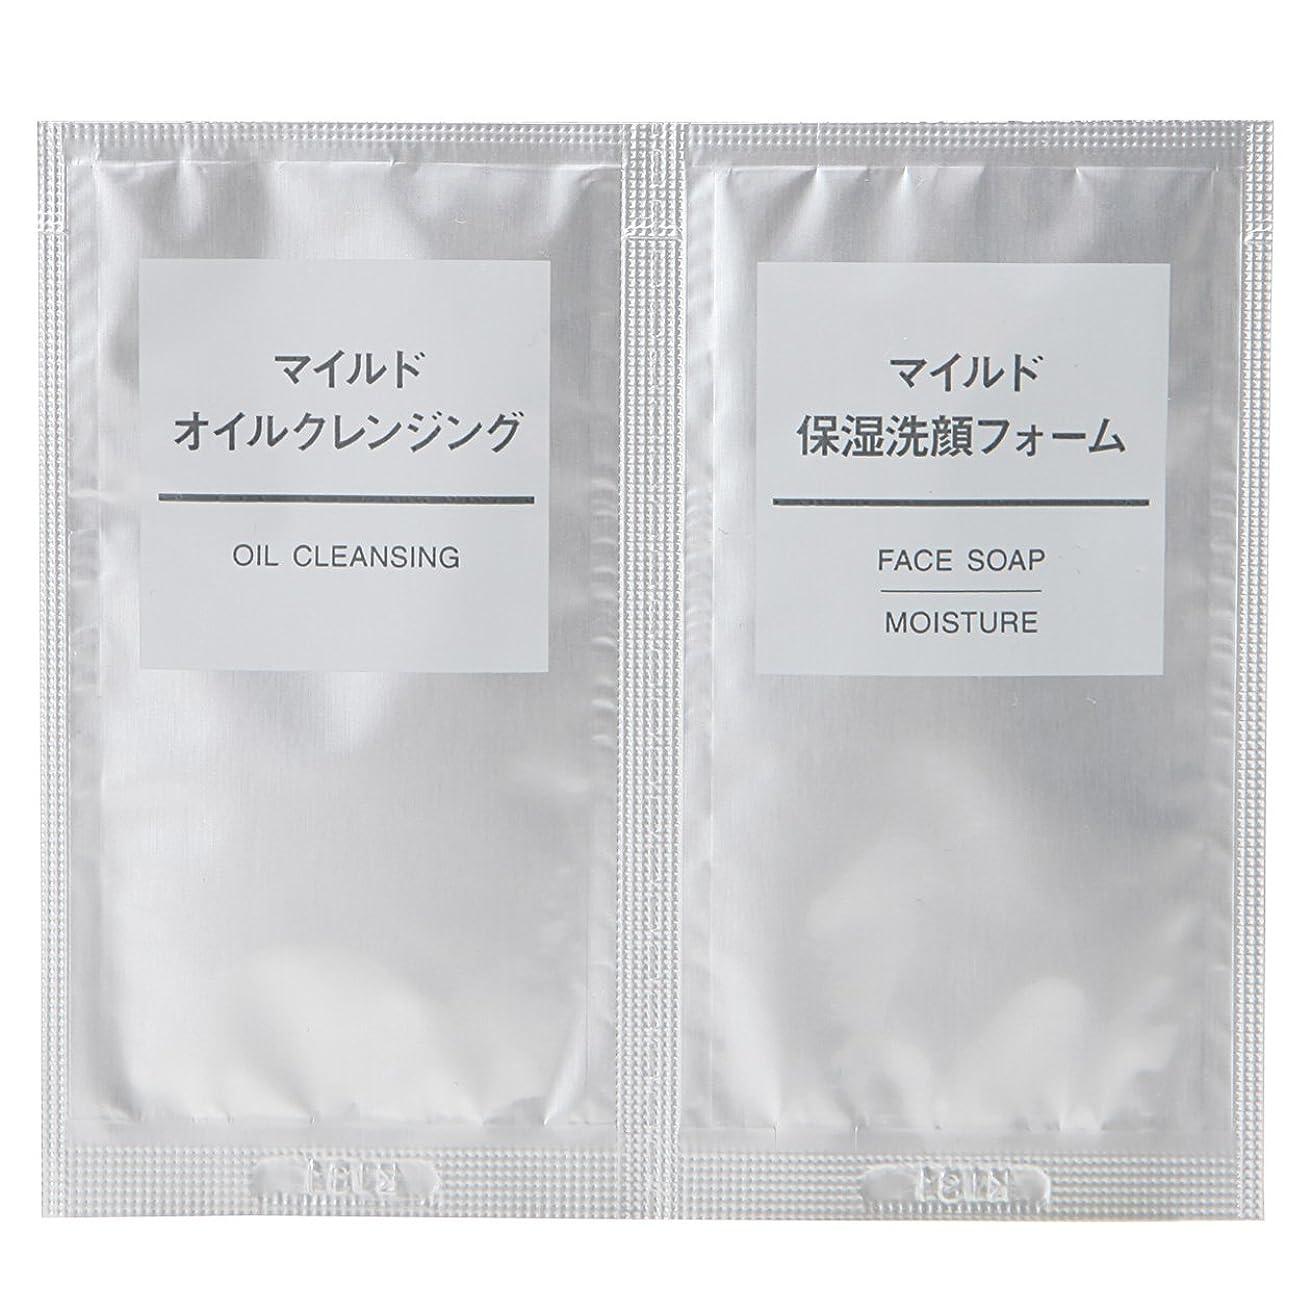 マニアック実験室罰無印良品 マイルドオイルクレンジング?マイルド保湿洗顔フォームセット 3ml?3g(1回分)